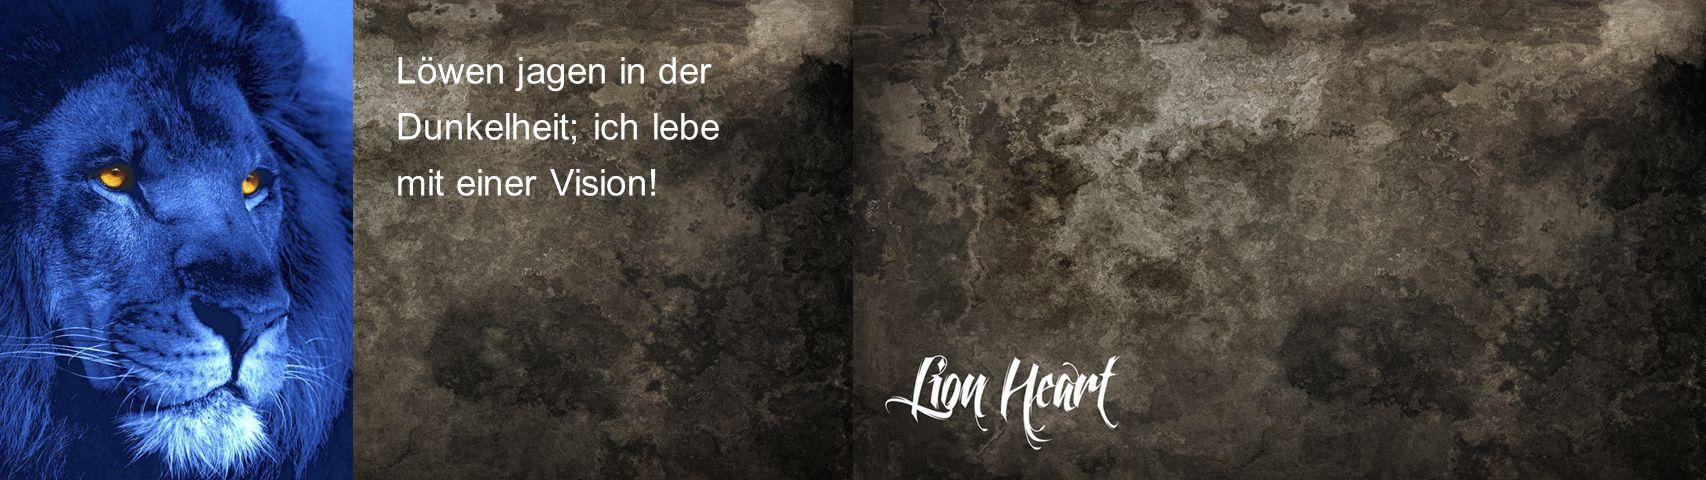 Löwen jagen in der Dunkelheit; ich lebe mit einer Vision!